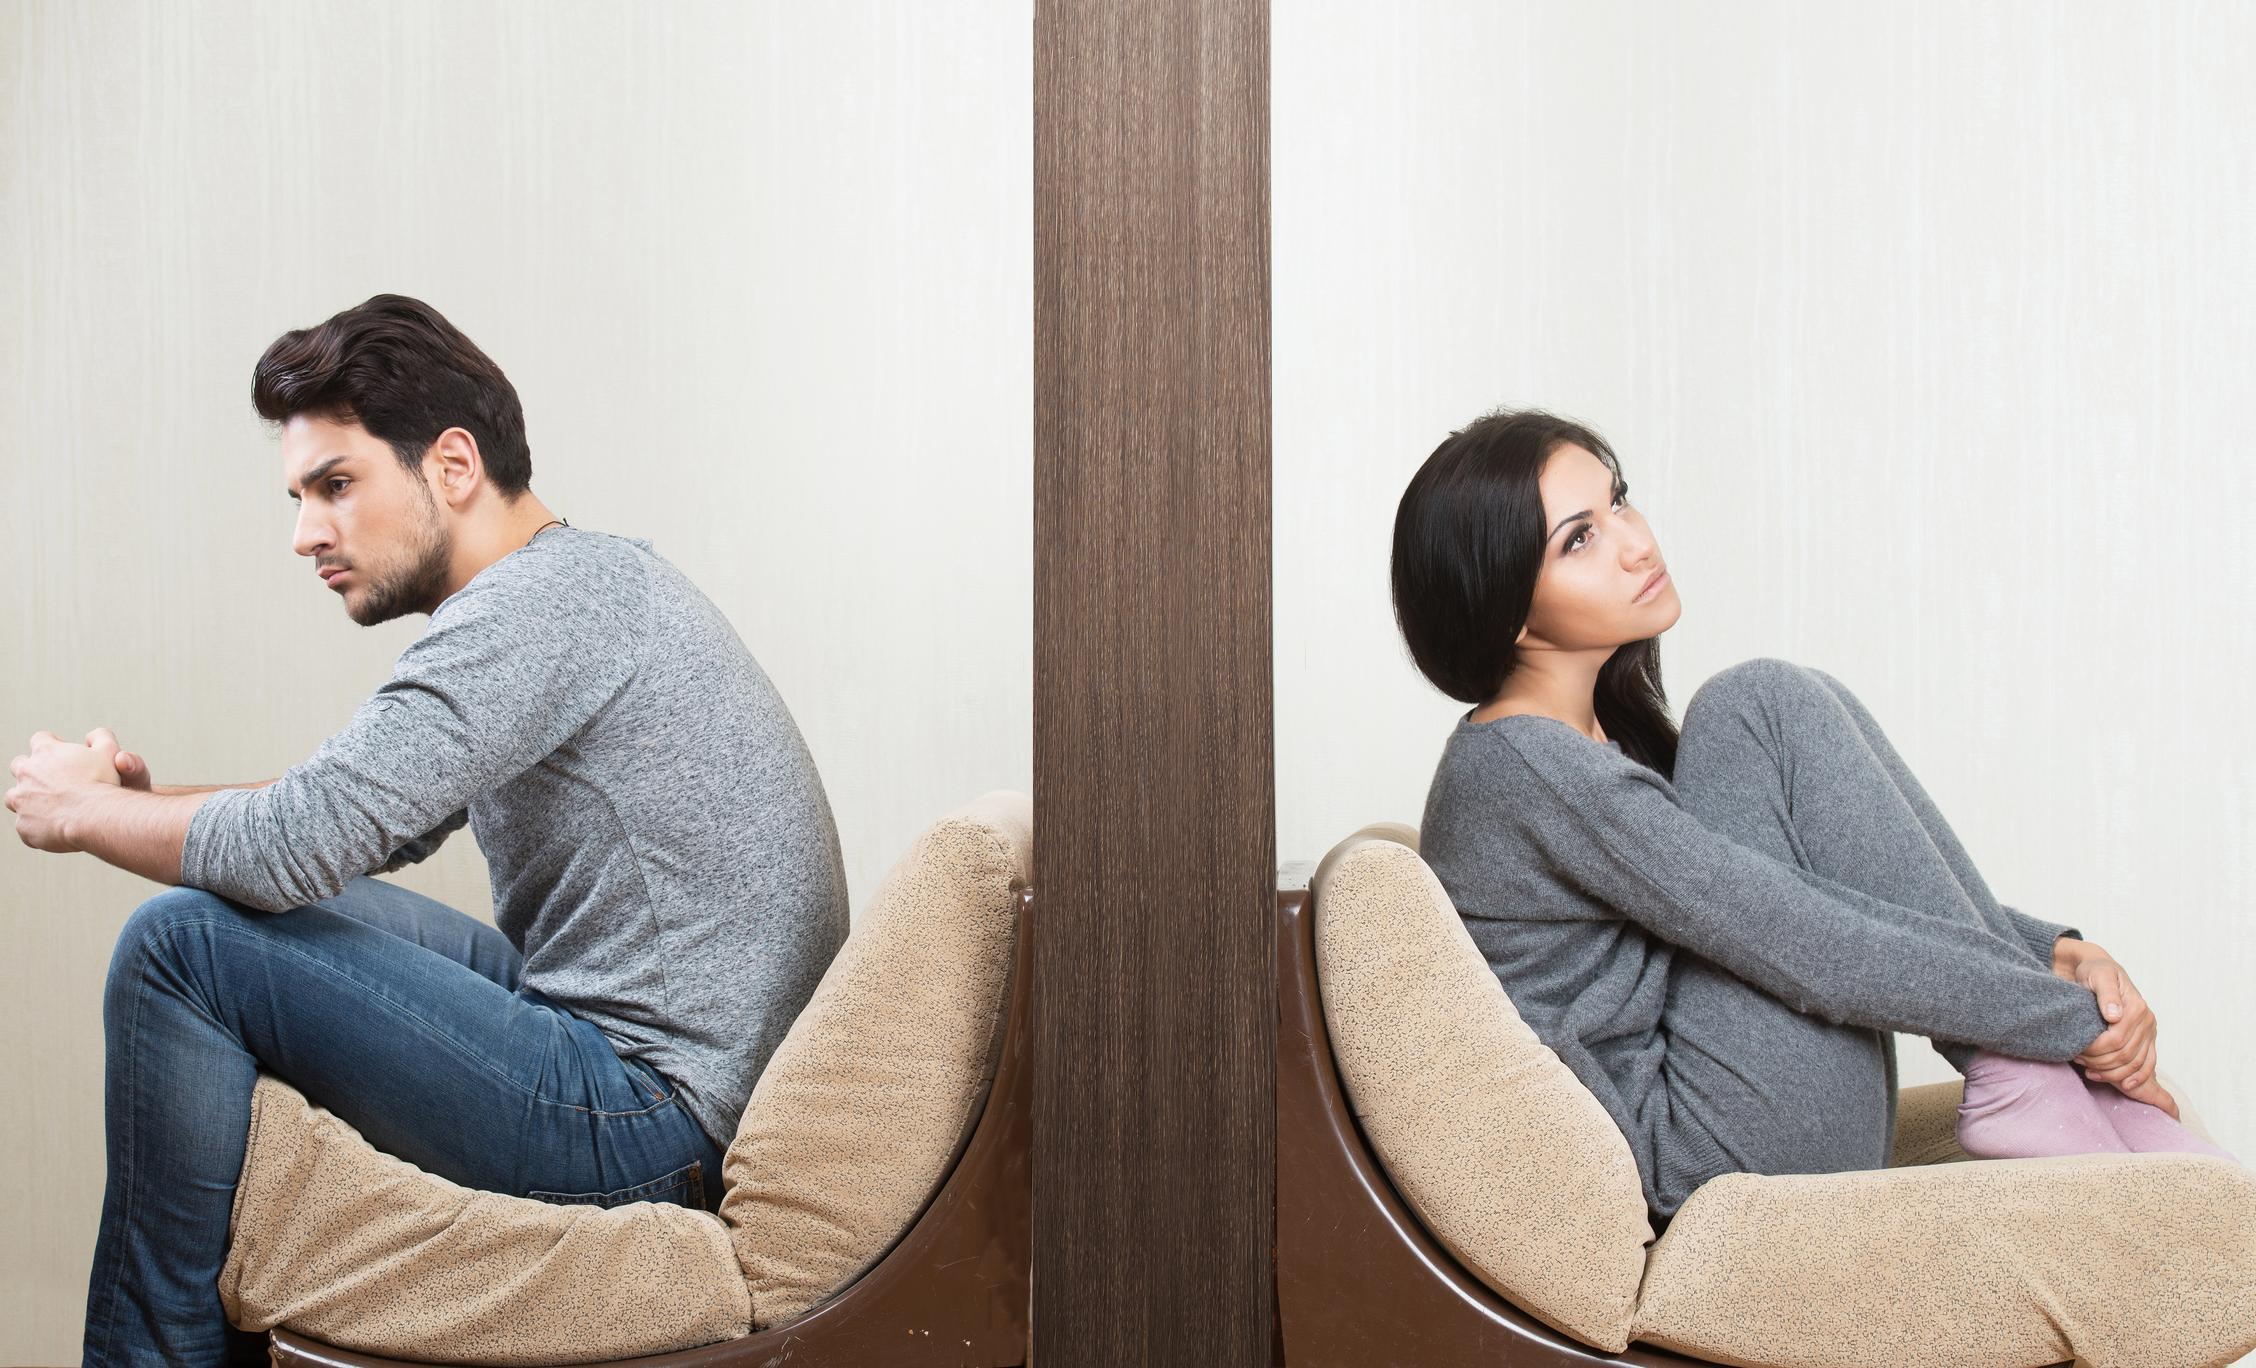 Zehirli Bir İlişki İçinde Olduğunuzu Gösteren 5 İşaret